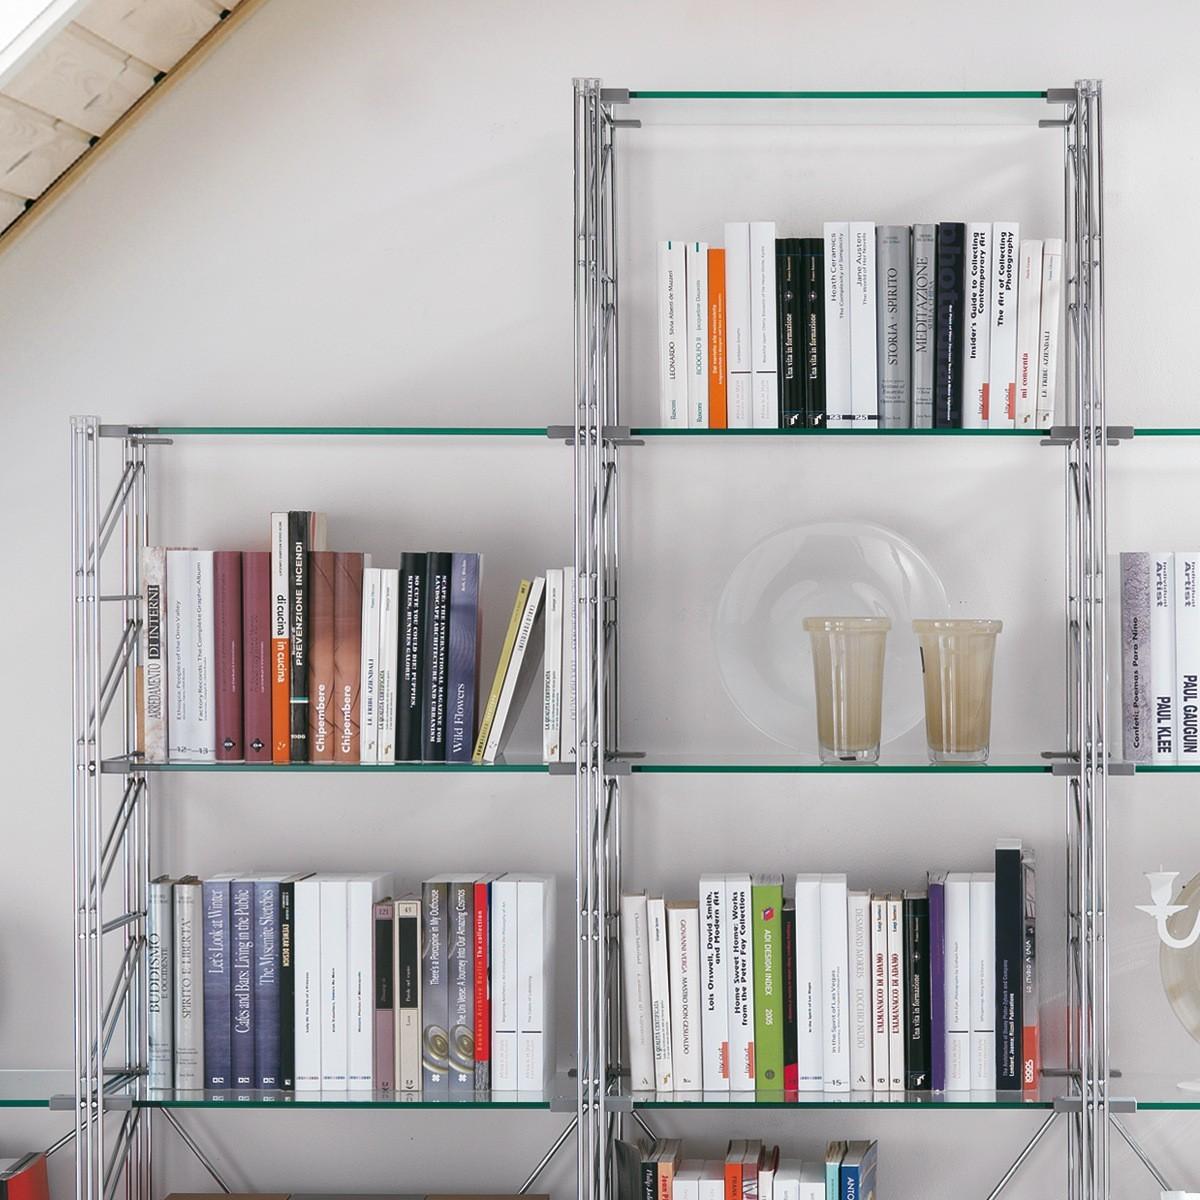 Socrate 43 libreria per mansarda in acciaio e vetro 365 x 35 x h86 ...